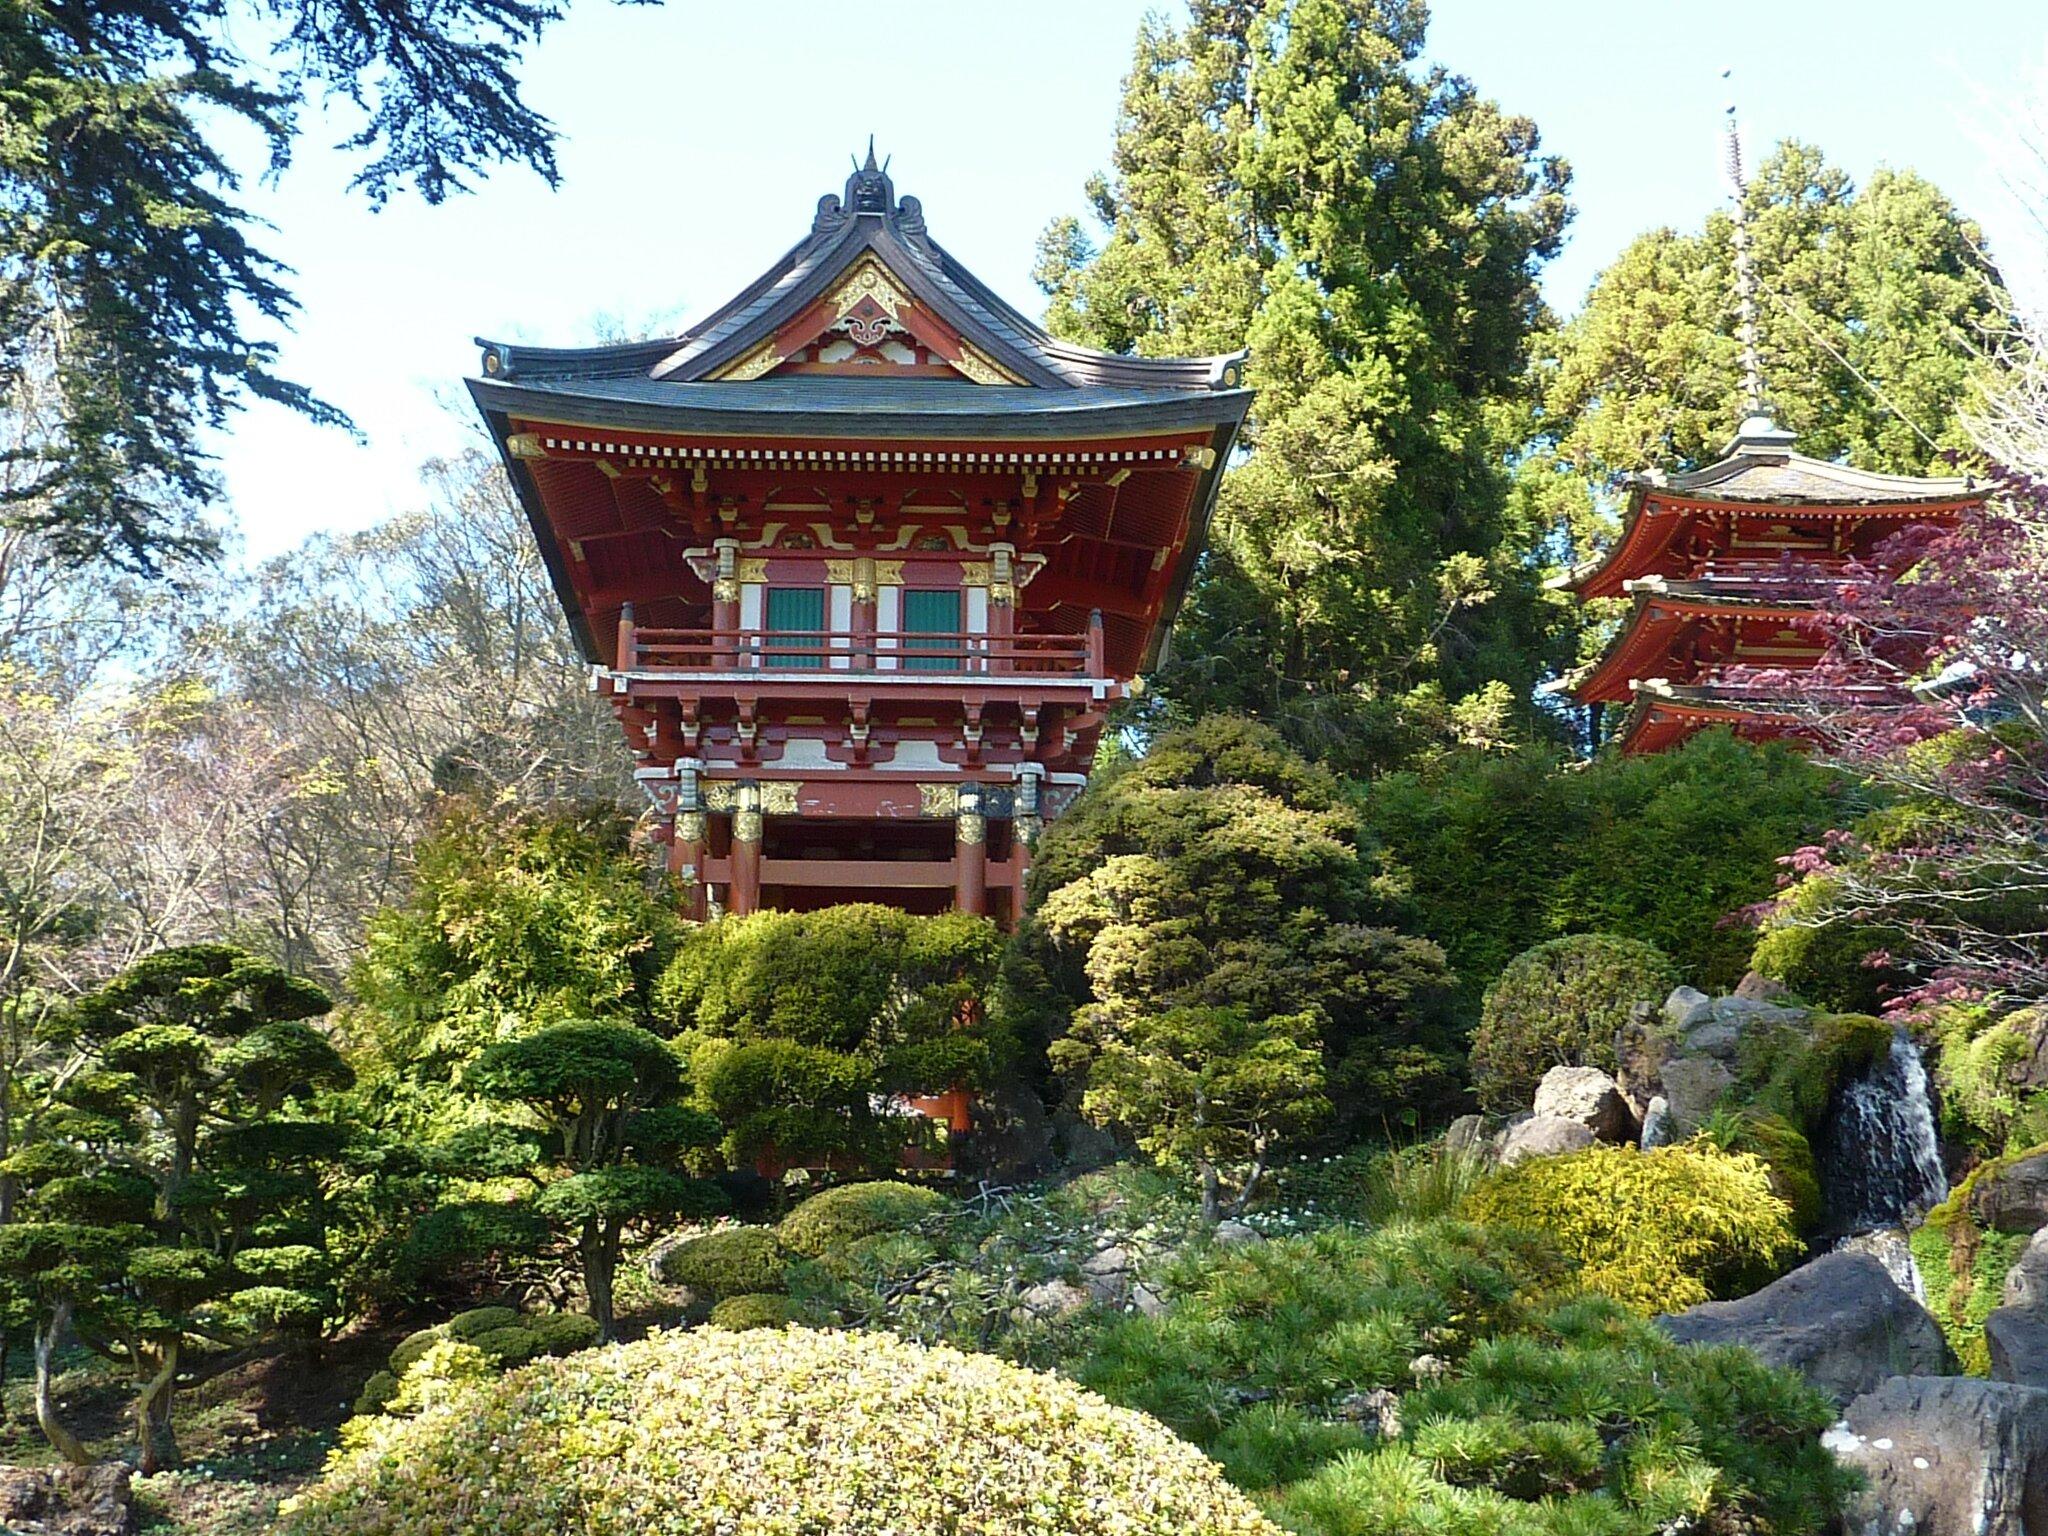 jardin japonais le havre 15 p1060146 jardin japonais le havre - Jardin Japonais Le Havre